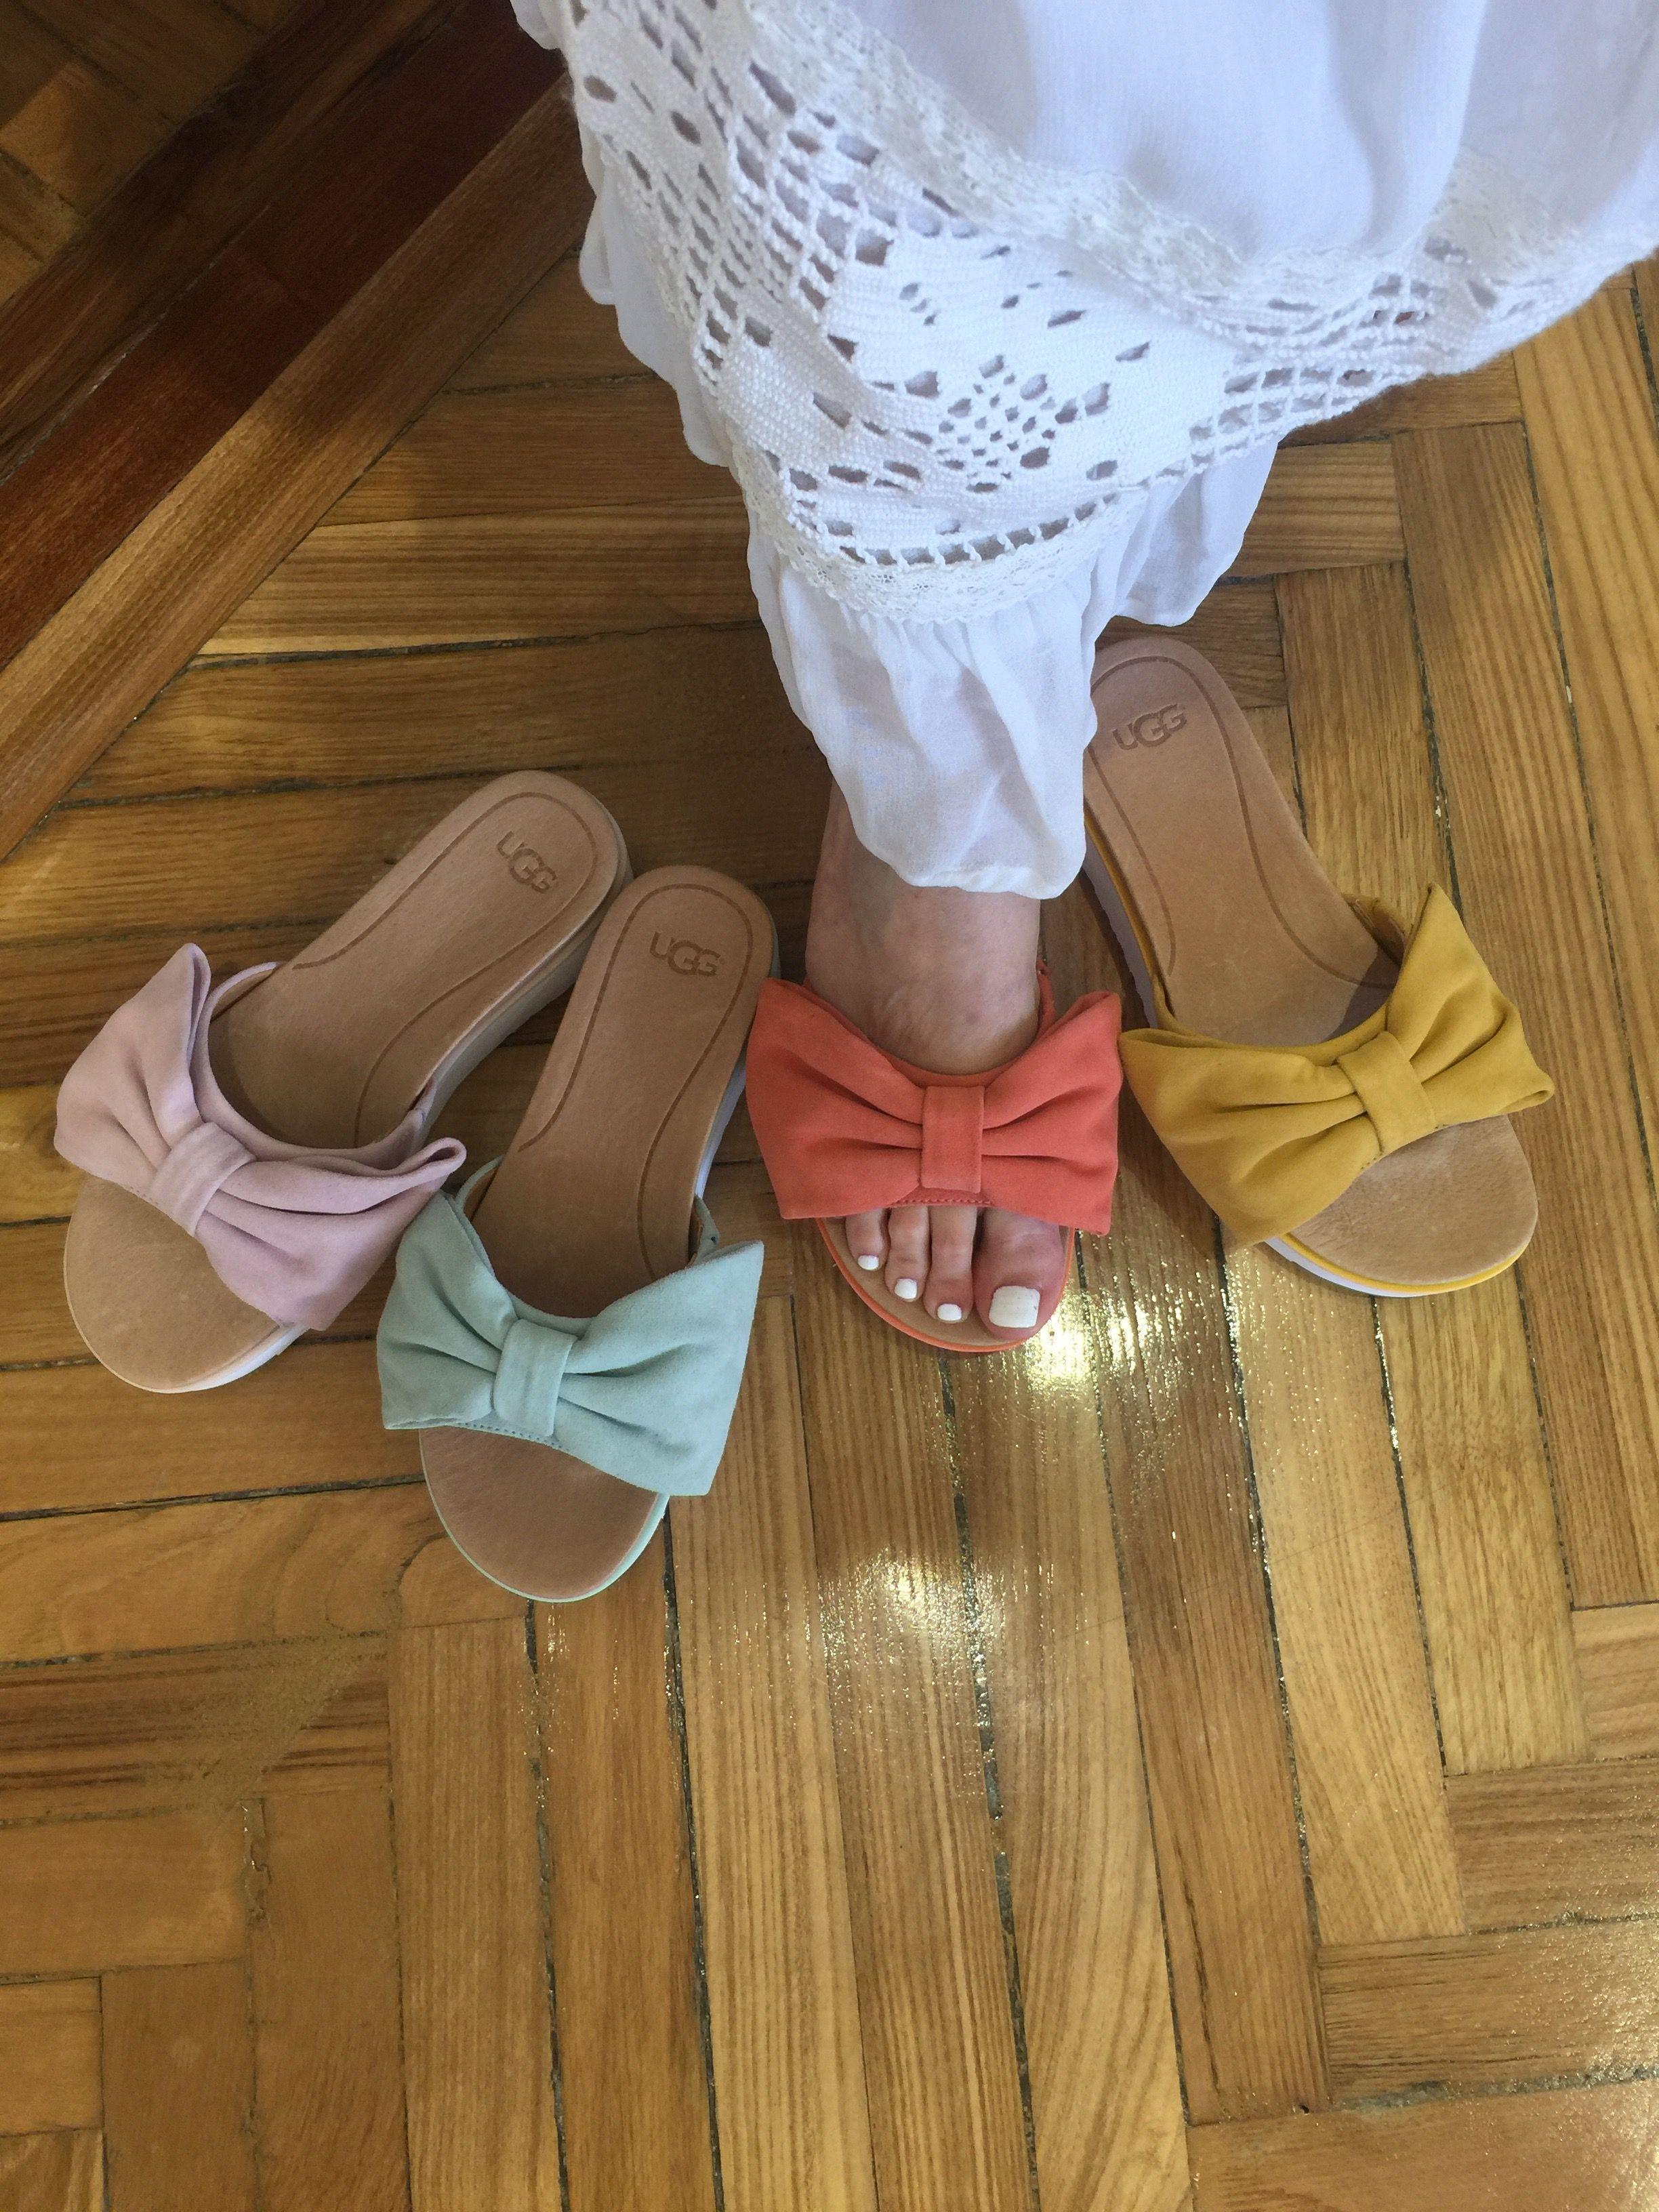 58005c89 Sandalias con plataforma tipo pala con adorno de lazo. Elige entre varios  colores y disfrútalas todo el verano. ¡Son ideales! #carrile  #calzadoscarrile # ...